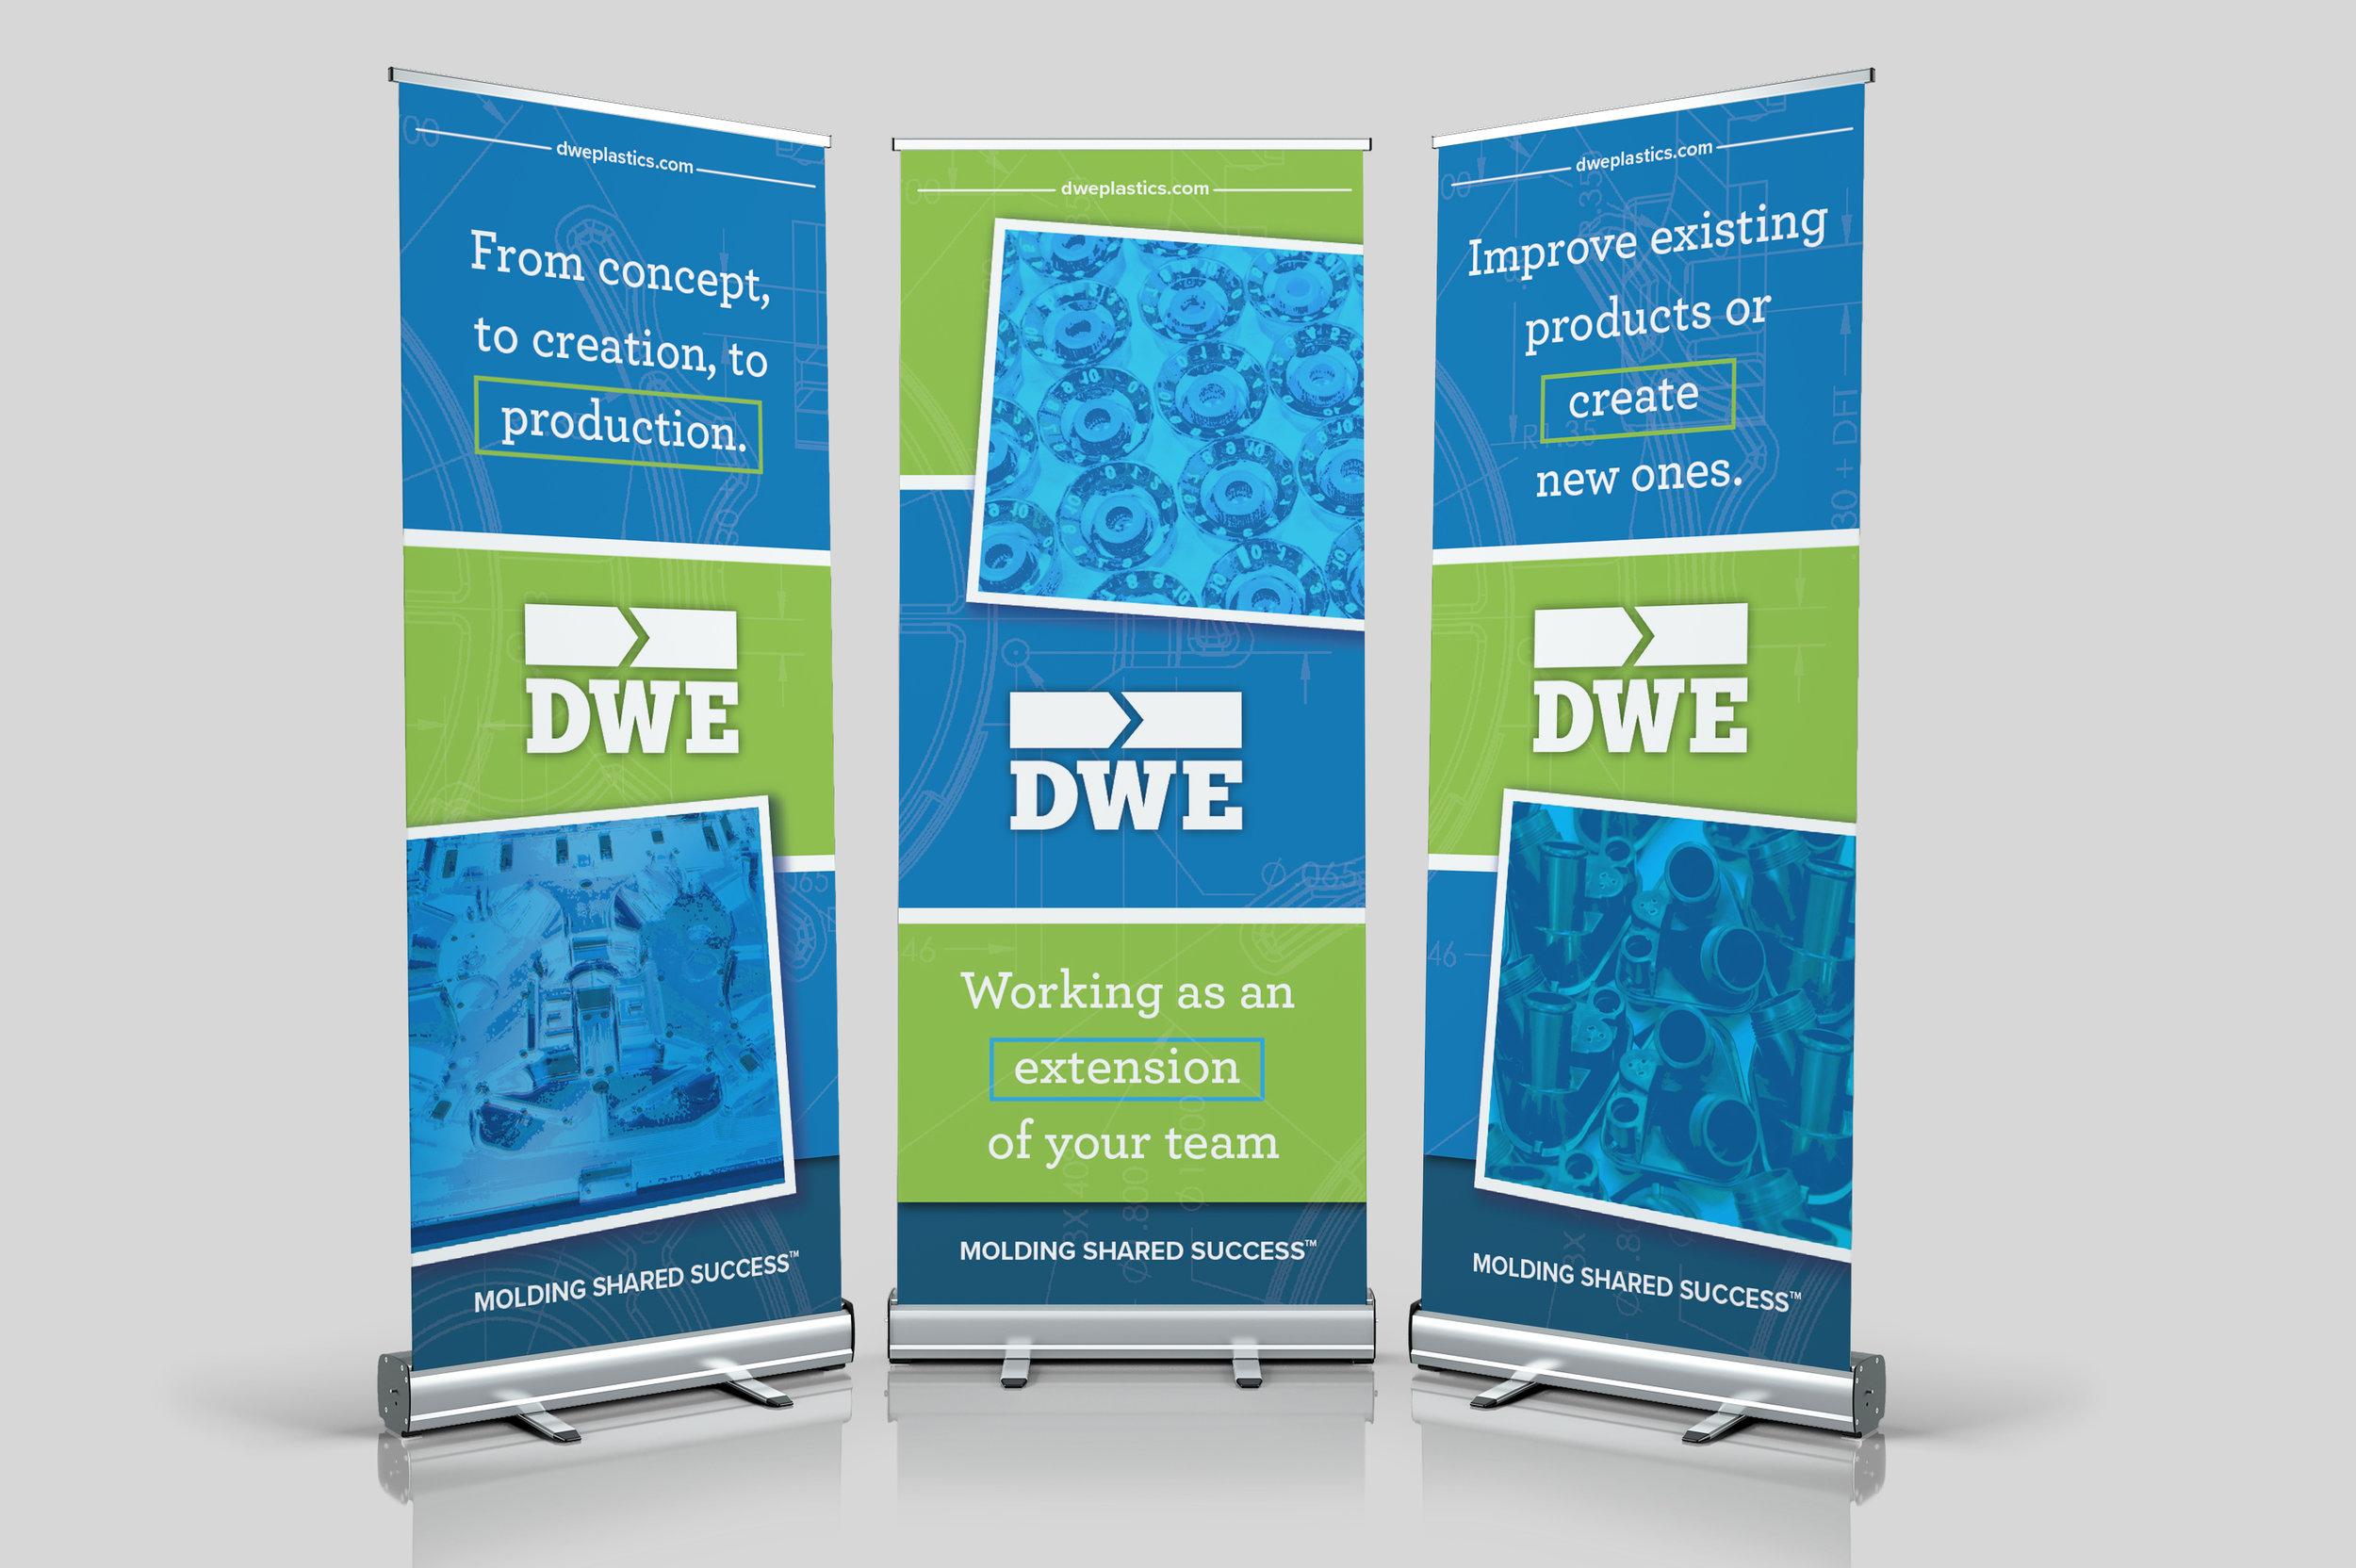 DWE_Banners.jpg